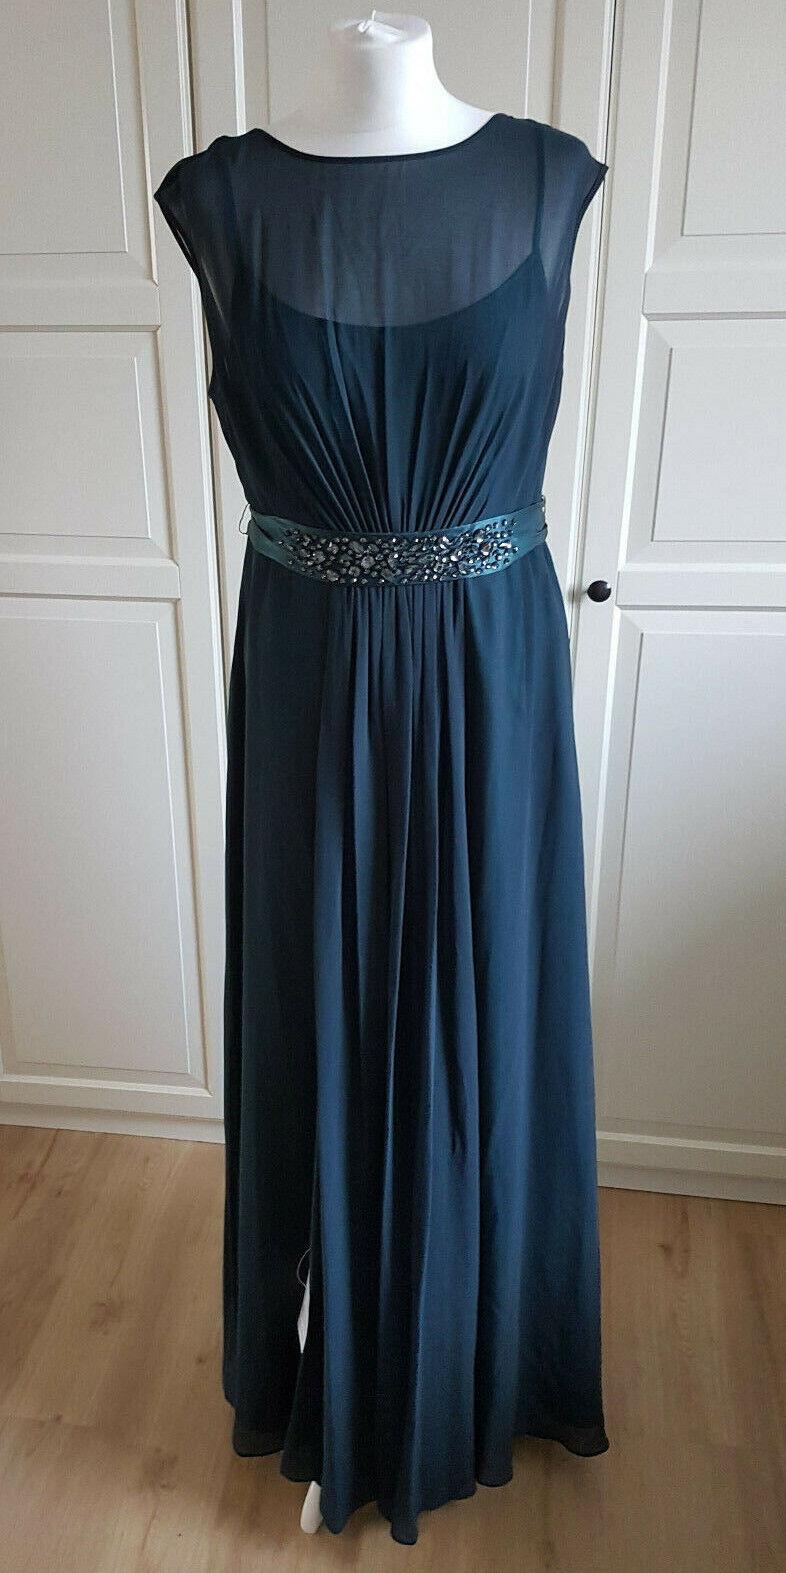 COAST  Lori Lee Maxi  Abendkleid Ballkleid NEU mit Etikett Farbe Petrol Gr 42  L